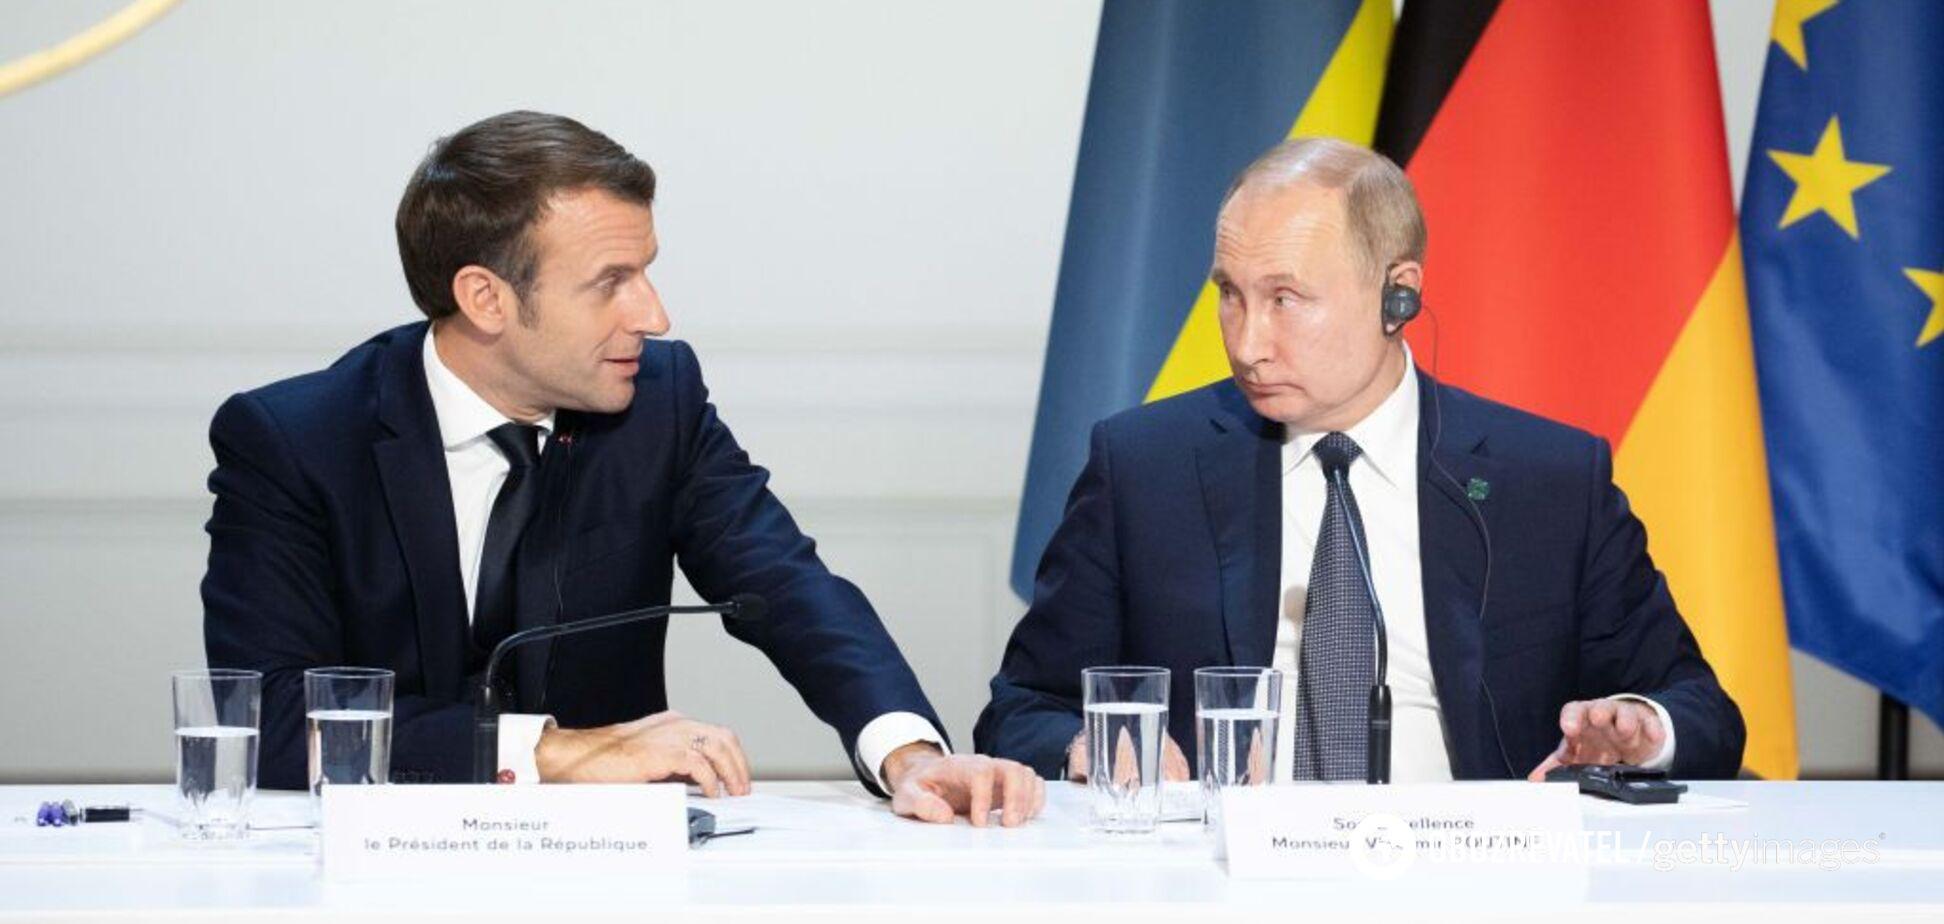 'Россия захватила Украину': Макрон сделал признание о дружбе с Путиным